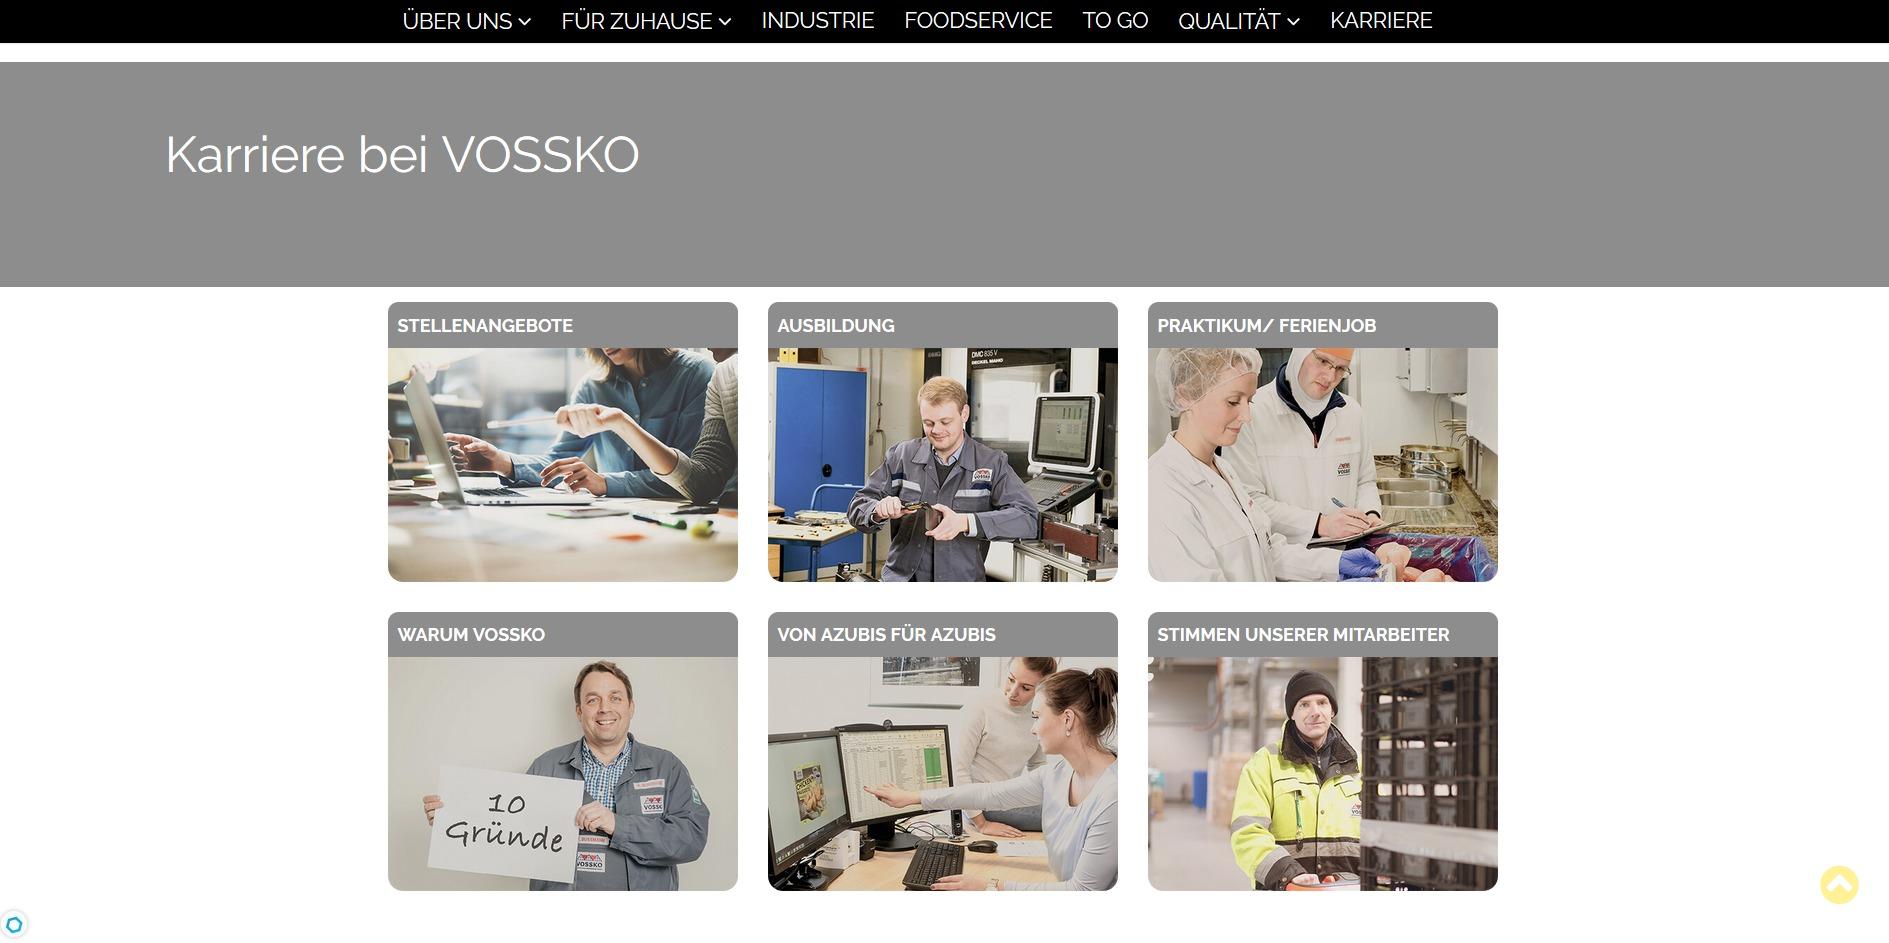 Vossko Karriereüberblick